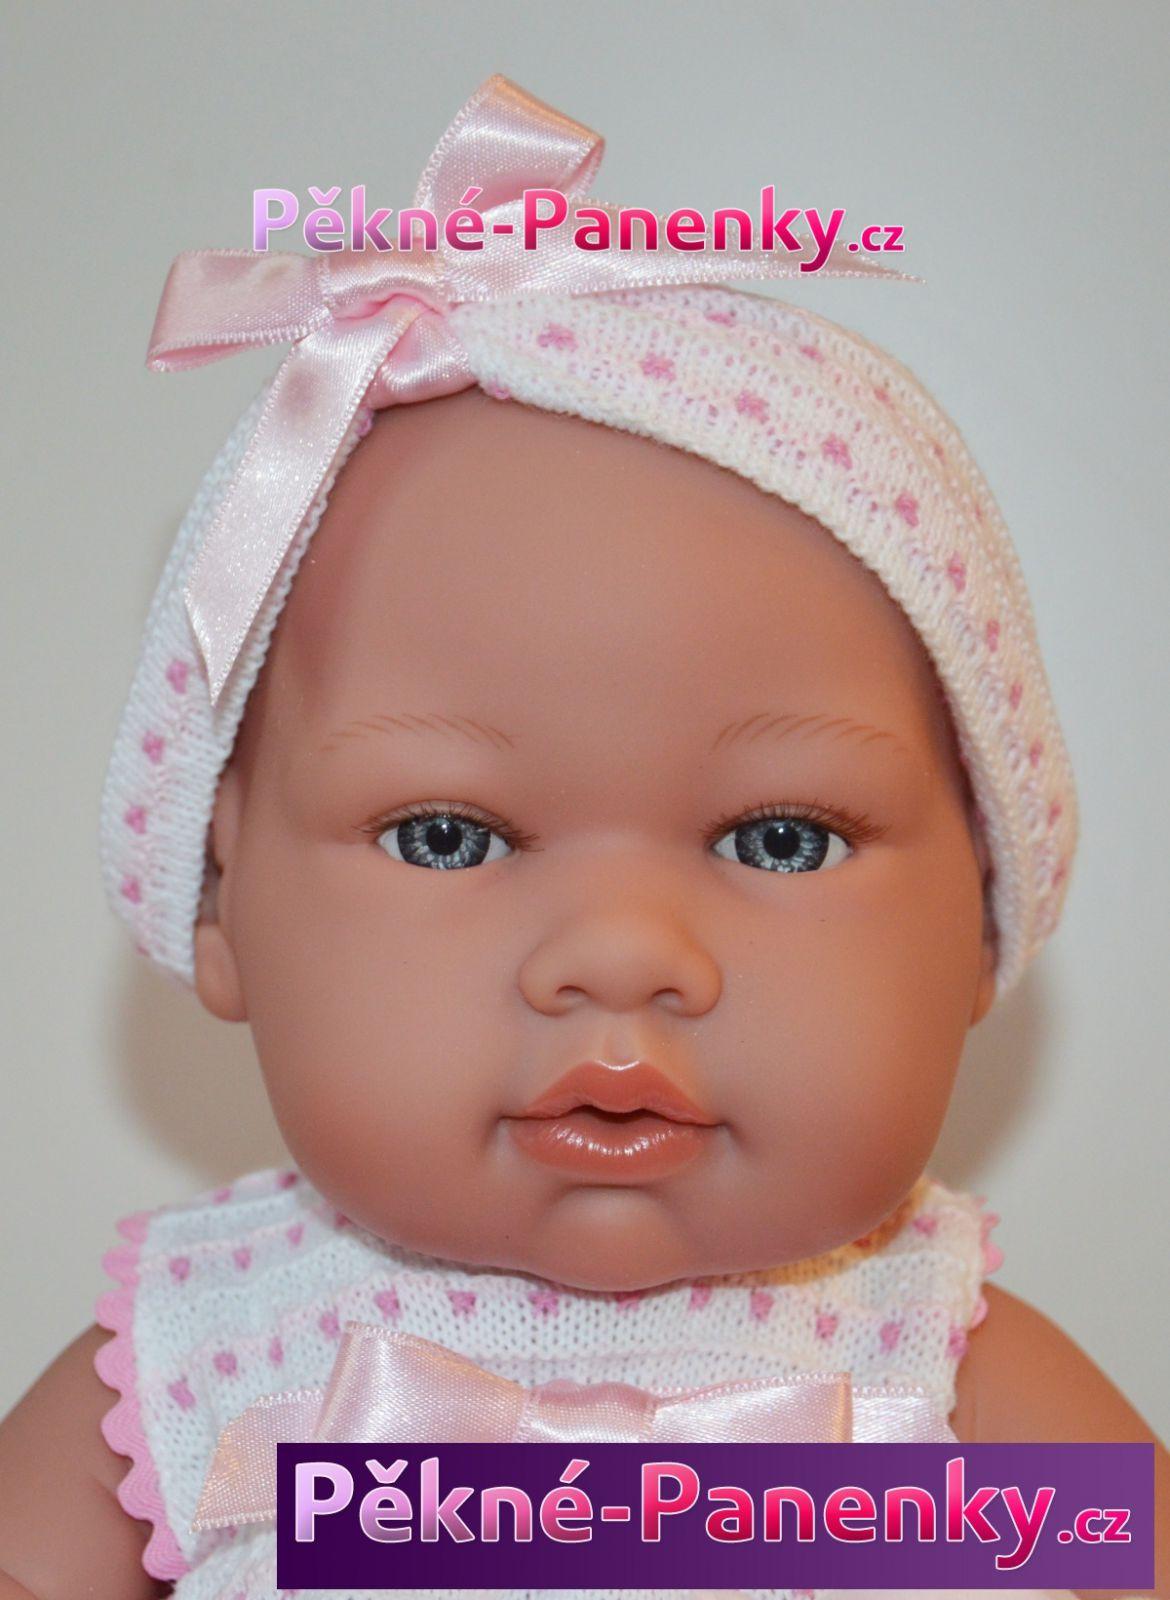 Arias realistické mimino, které vypadá jako živé, španělské panenky a miminka